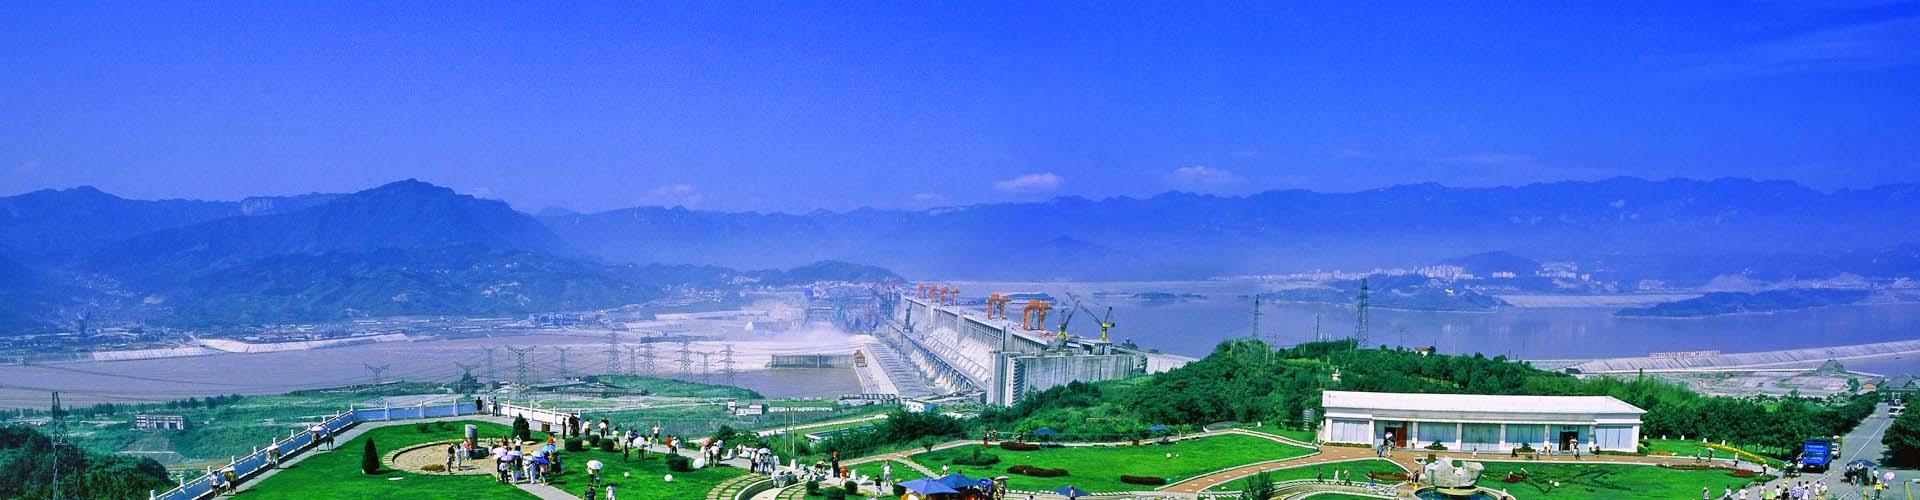 grand barrage de trois gorges